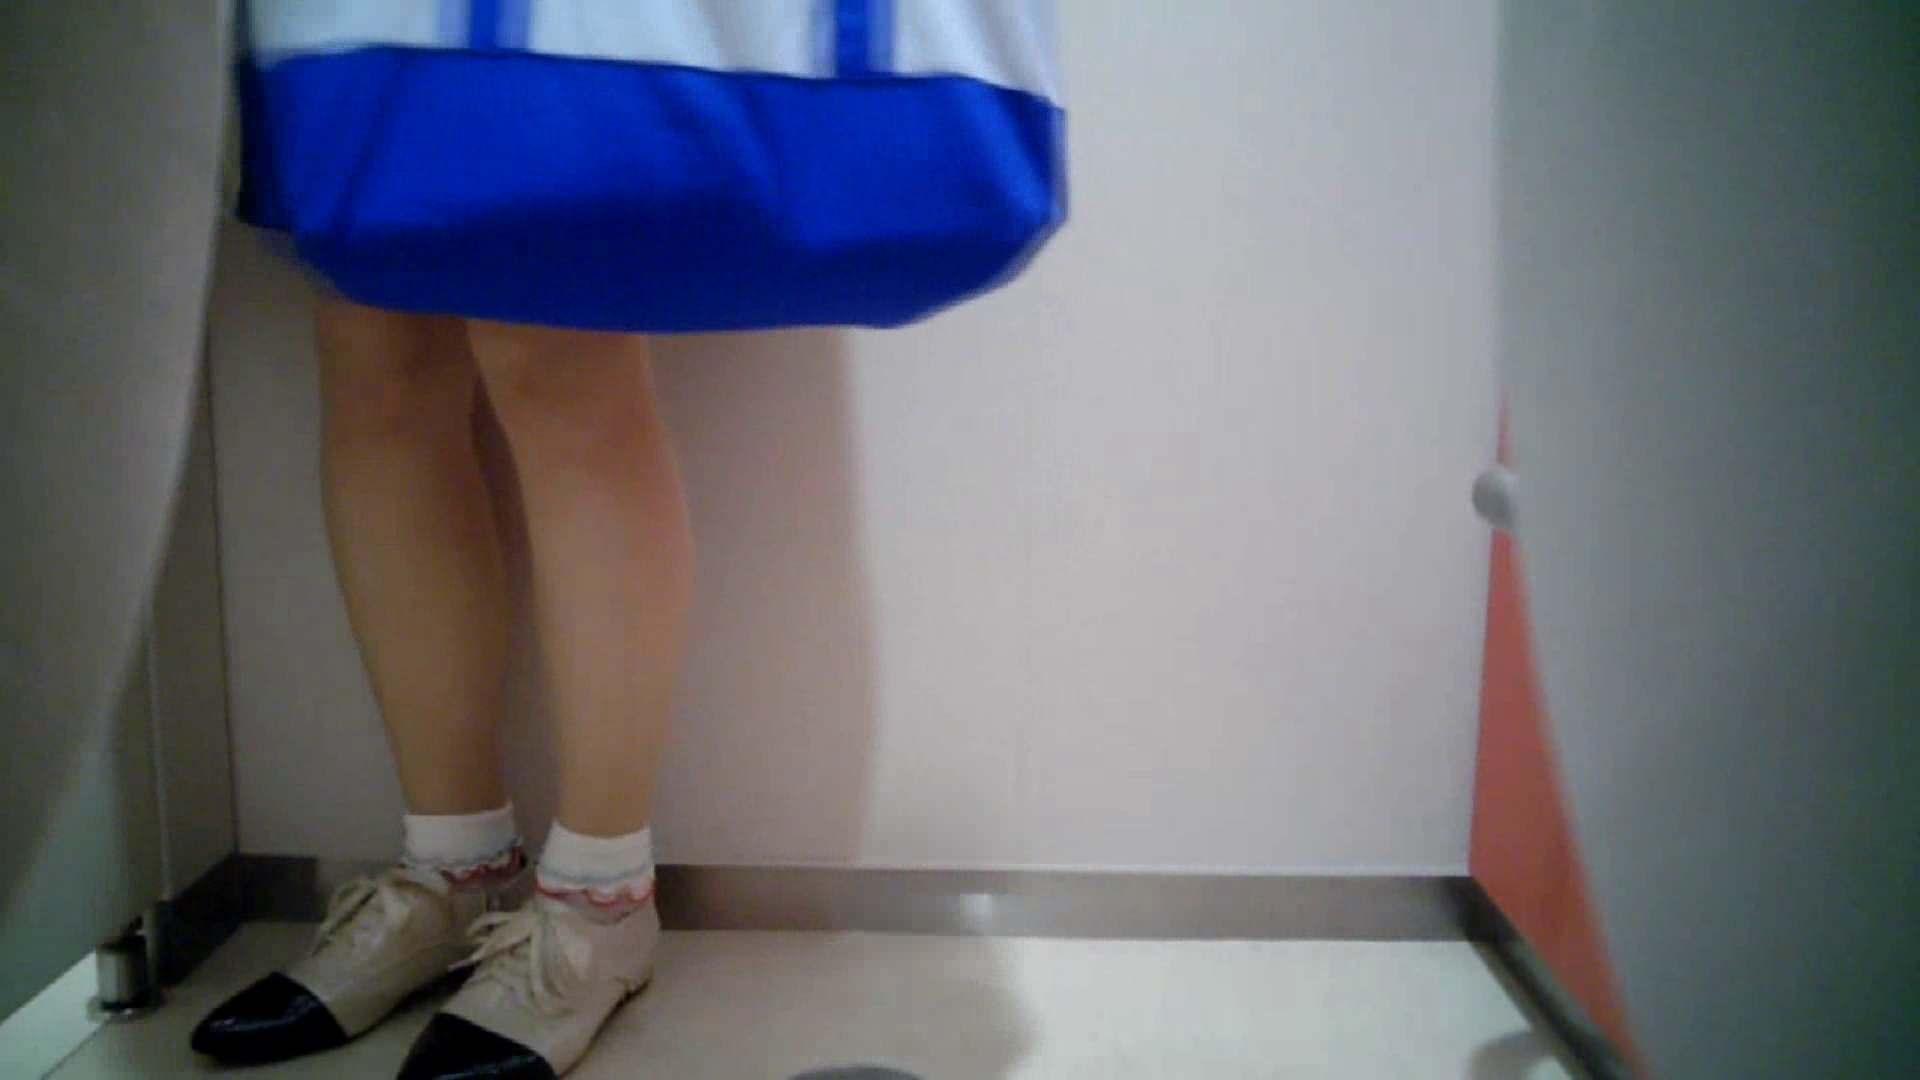 トイレ盗撮|痴態洗面所 Vol.01 顔のアップがたまりま・・・。あっ!!|怪盗ジョーカー